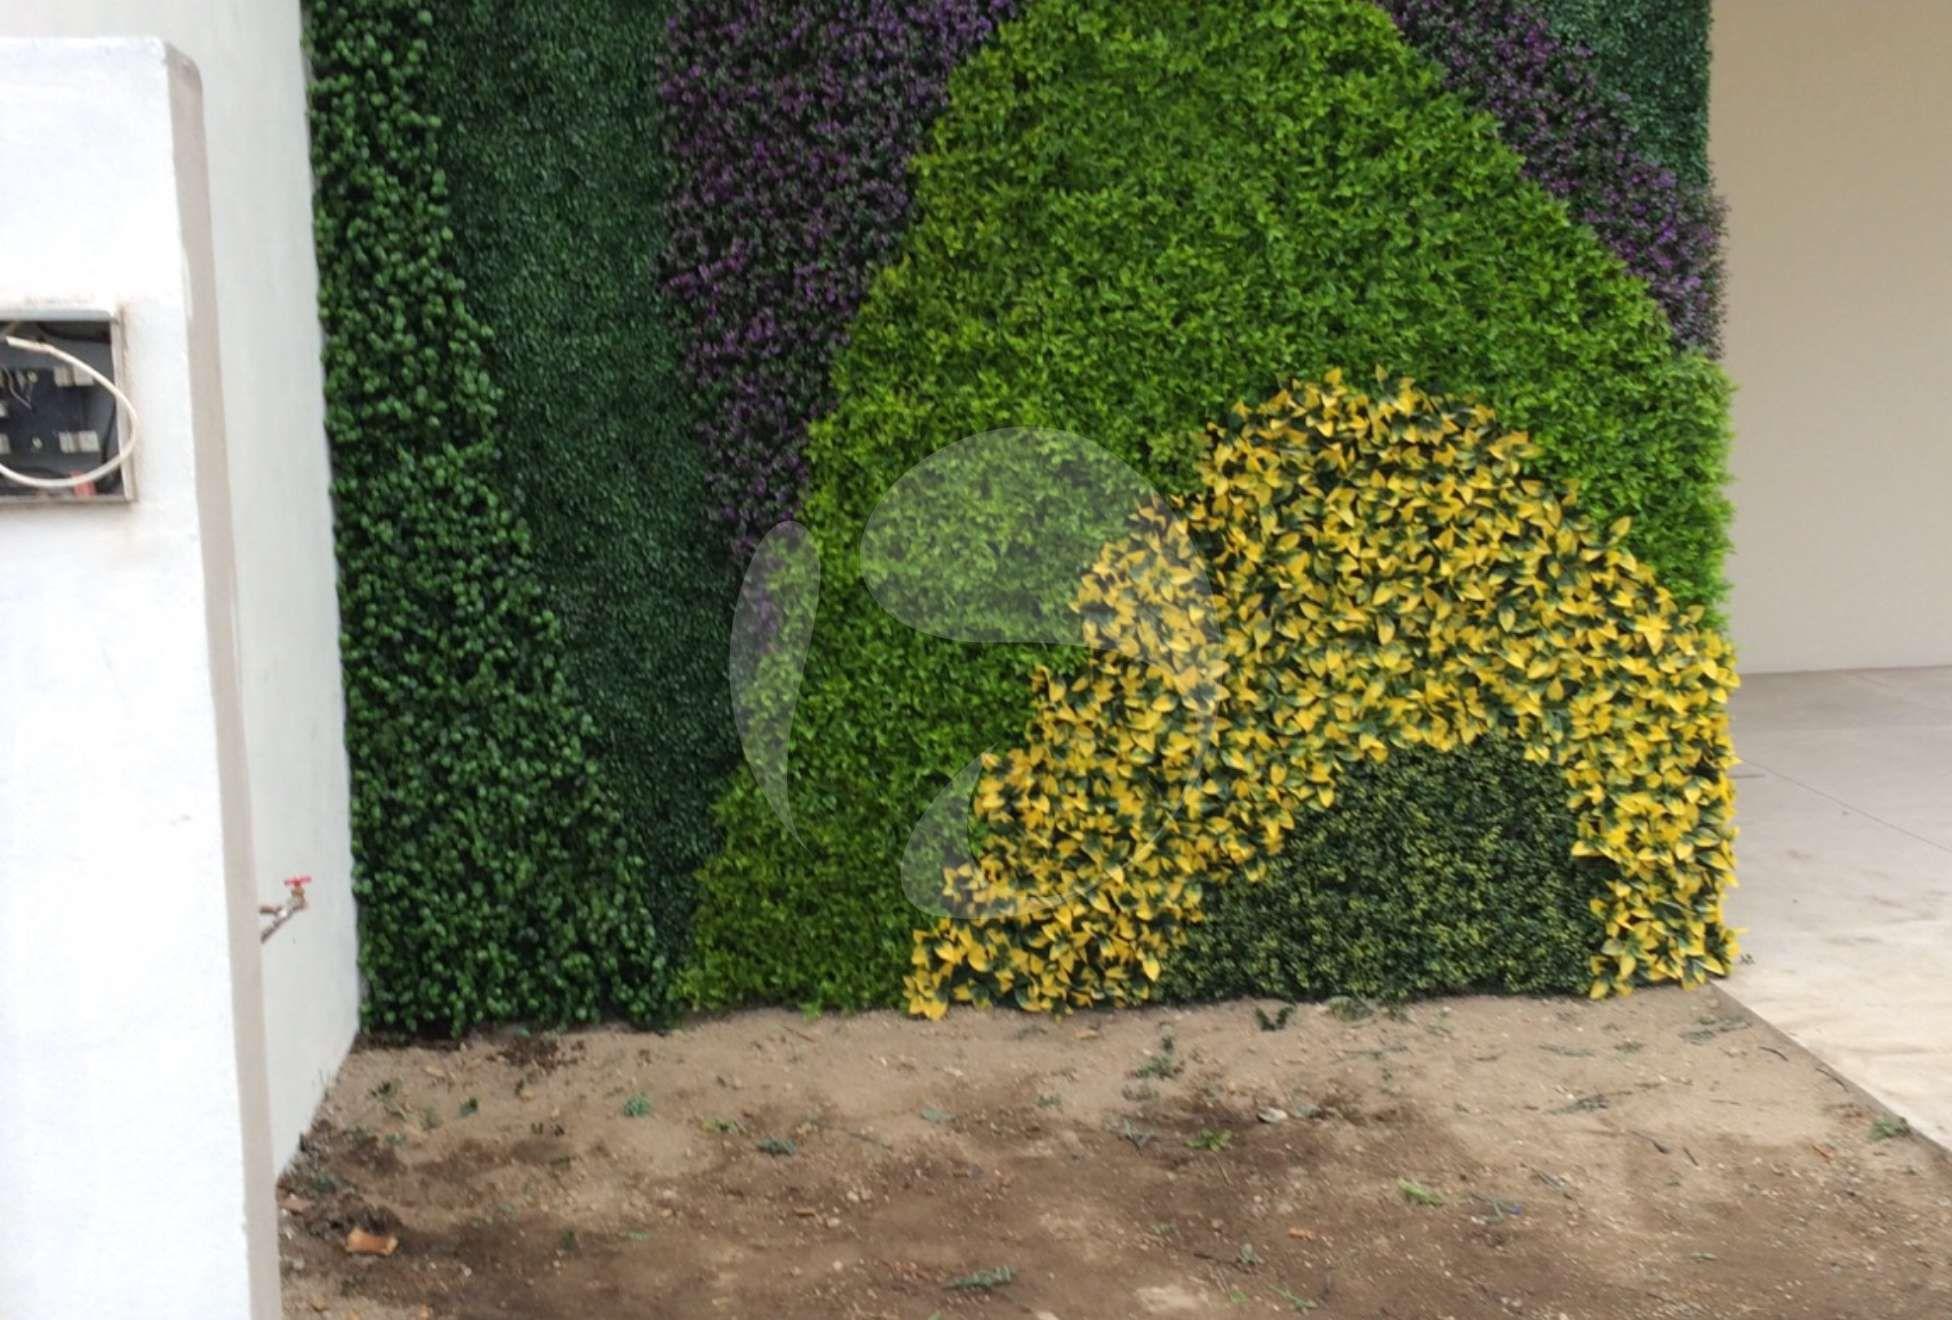 Muros verdes en la ciudad de puebla jardines verticales for Diseno de muros verdes